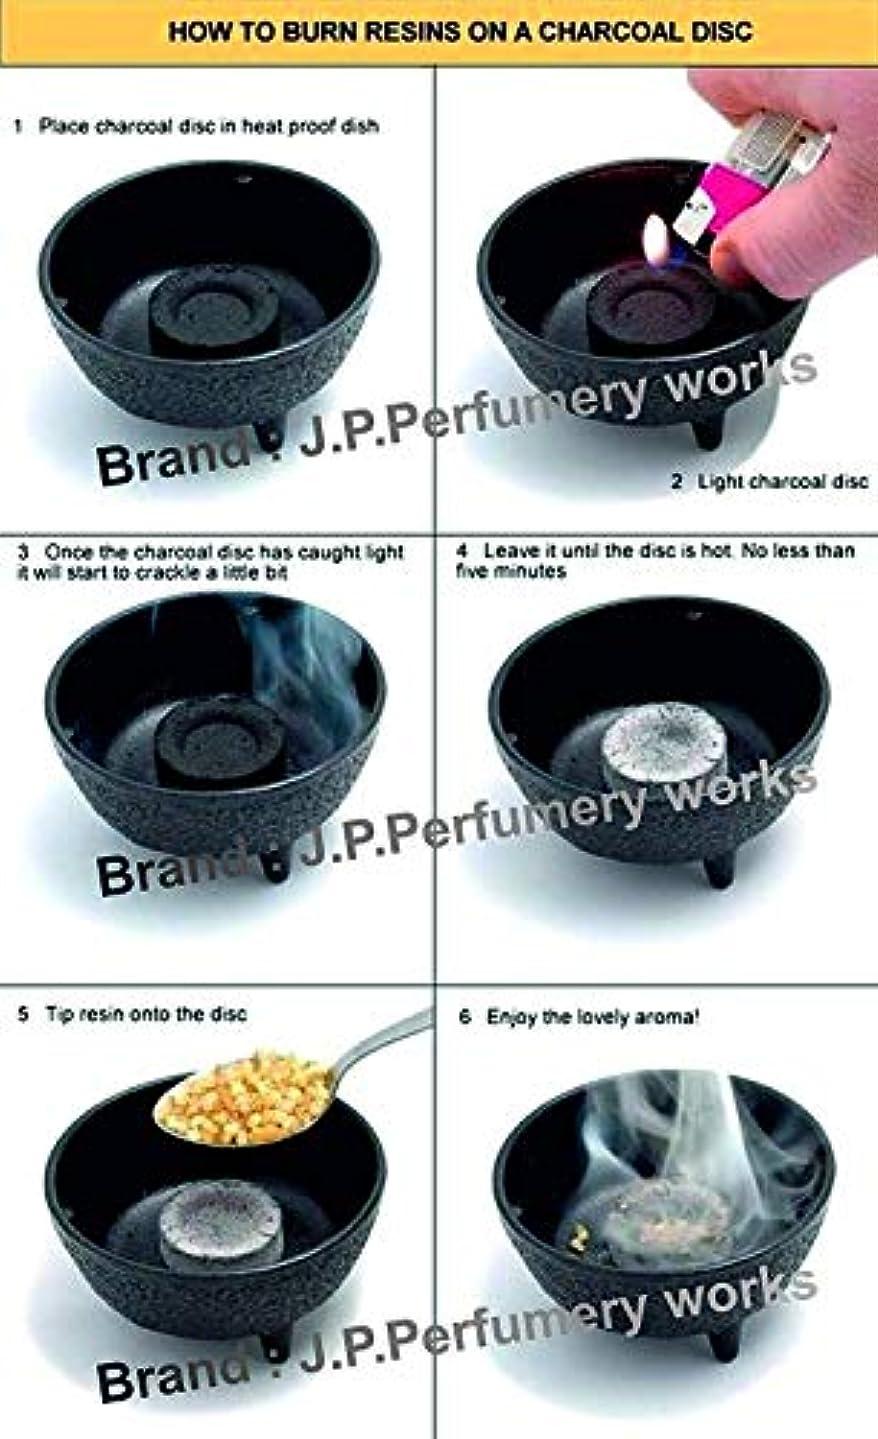 スクラップ受信機哀J.P.Perfumery works® Charcoal Tablets for Burning Dhoop, Multipurpose Use -pcs(50)